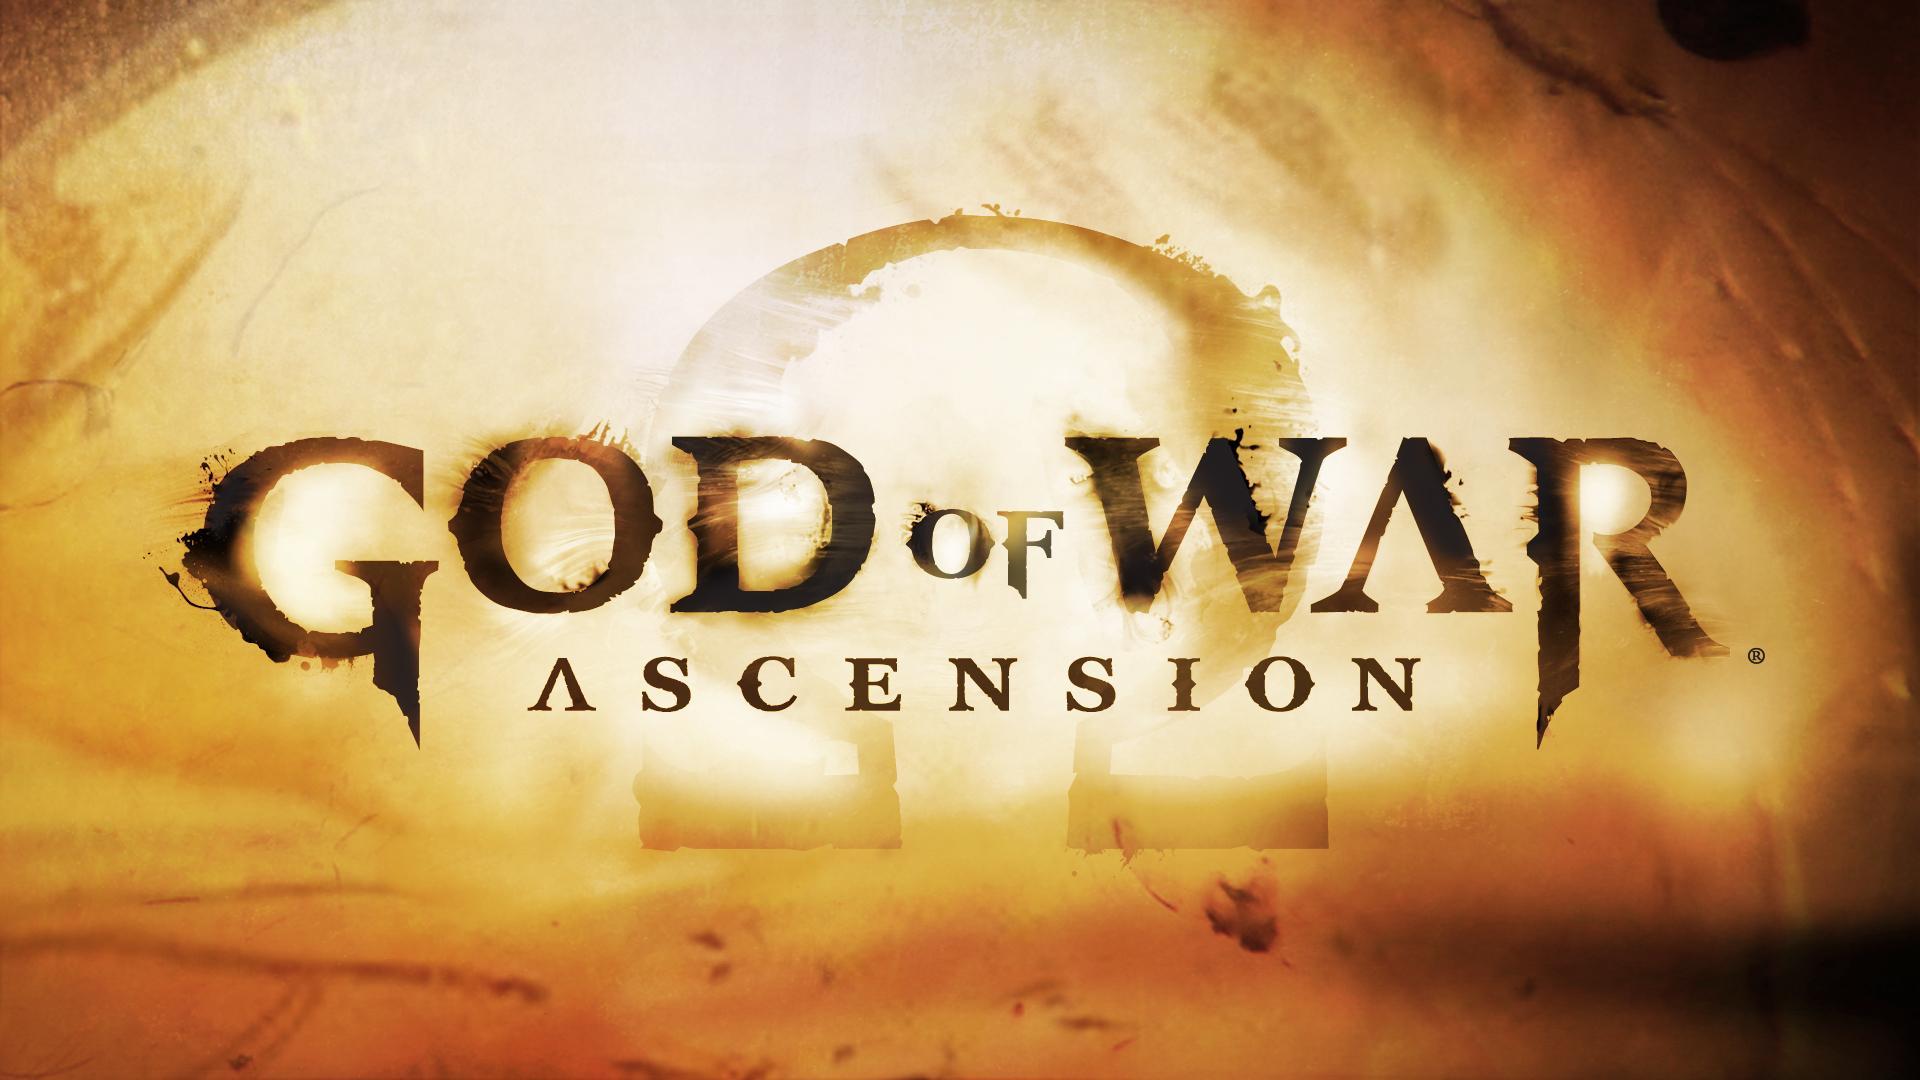 God Of War Ascension Wallpaper 10